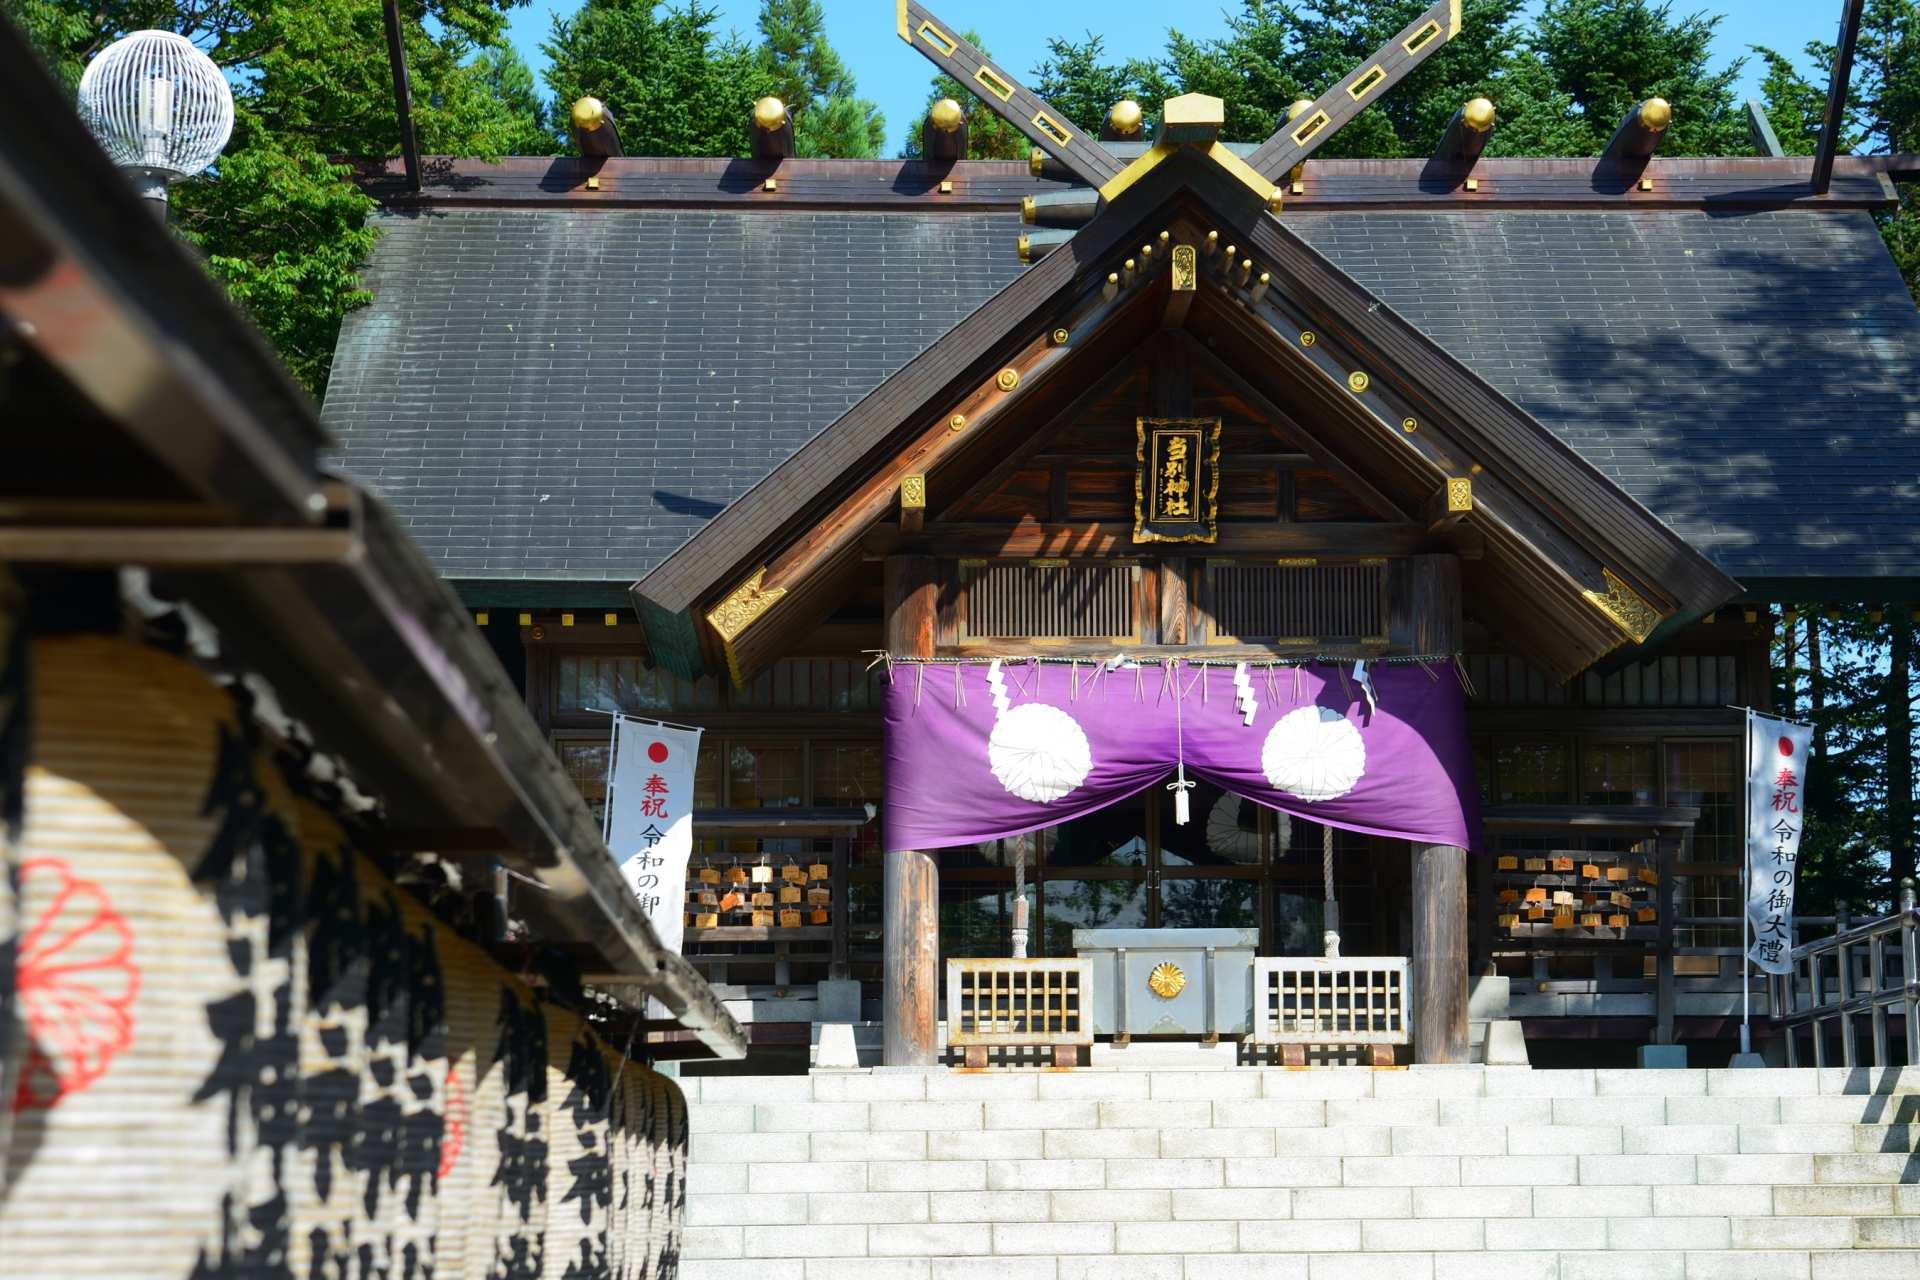 札幌近郊|御朱印集めサイクリングツアー|北海道ご当地ランチ付き